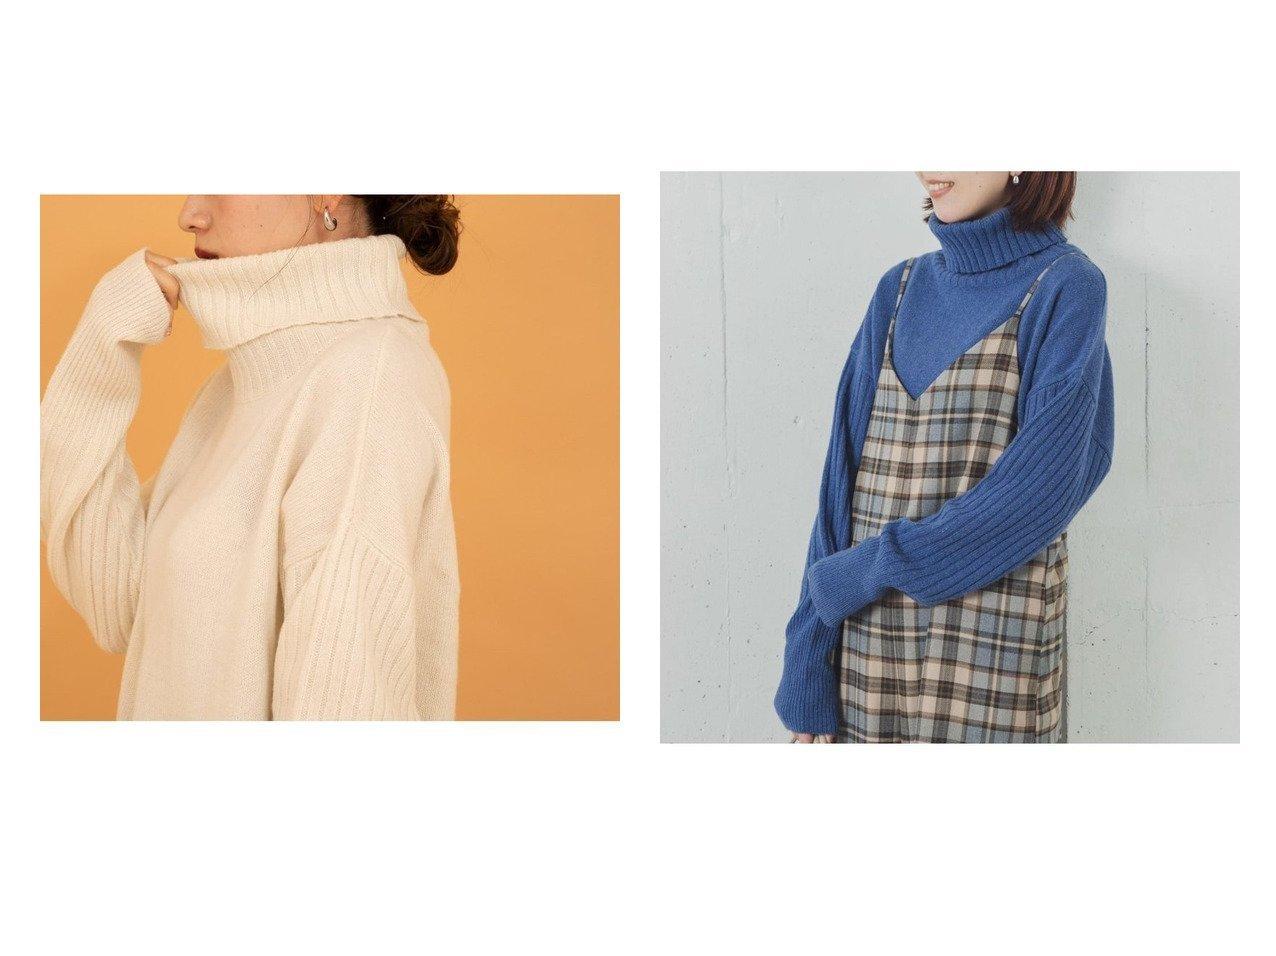 【Sonny Label / URBAN RESEARCH/サニーレーベル】のNATWOOL タートルネックプルオーバー トップス・カットソーのおすすめ!人気トレンド・レディースファッションの通販 おすすめで人気のファッション通販商品 インテリア・家具・キッズファッション・メンズファッション・レディースファッション・服の通販 founy(ファニー) https://founy.com/ ファッション Fashion レディースファッション WOMEN トップス Tops Tshirt ニット Knit Tops プルオーバー Pullover タートルネック Turtleneck シンプル スタンダード タートルネック バランス ボトム マキシ ワイド |ID:crp329100000008110